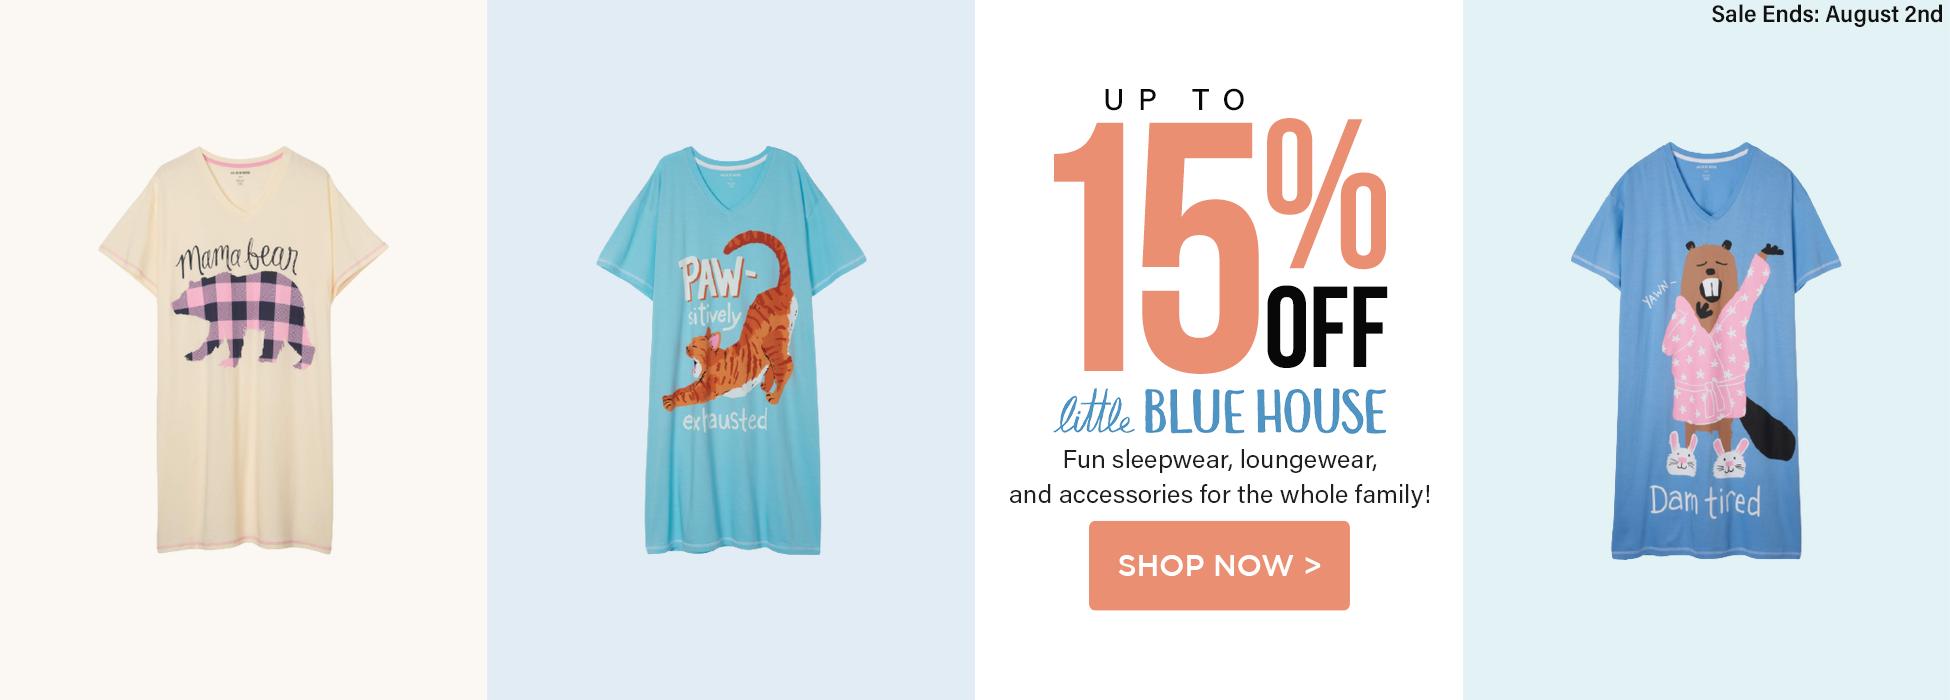 little blue house sale fun sleepwear loungewear accessories